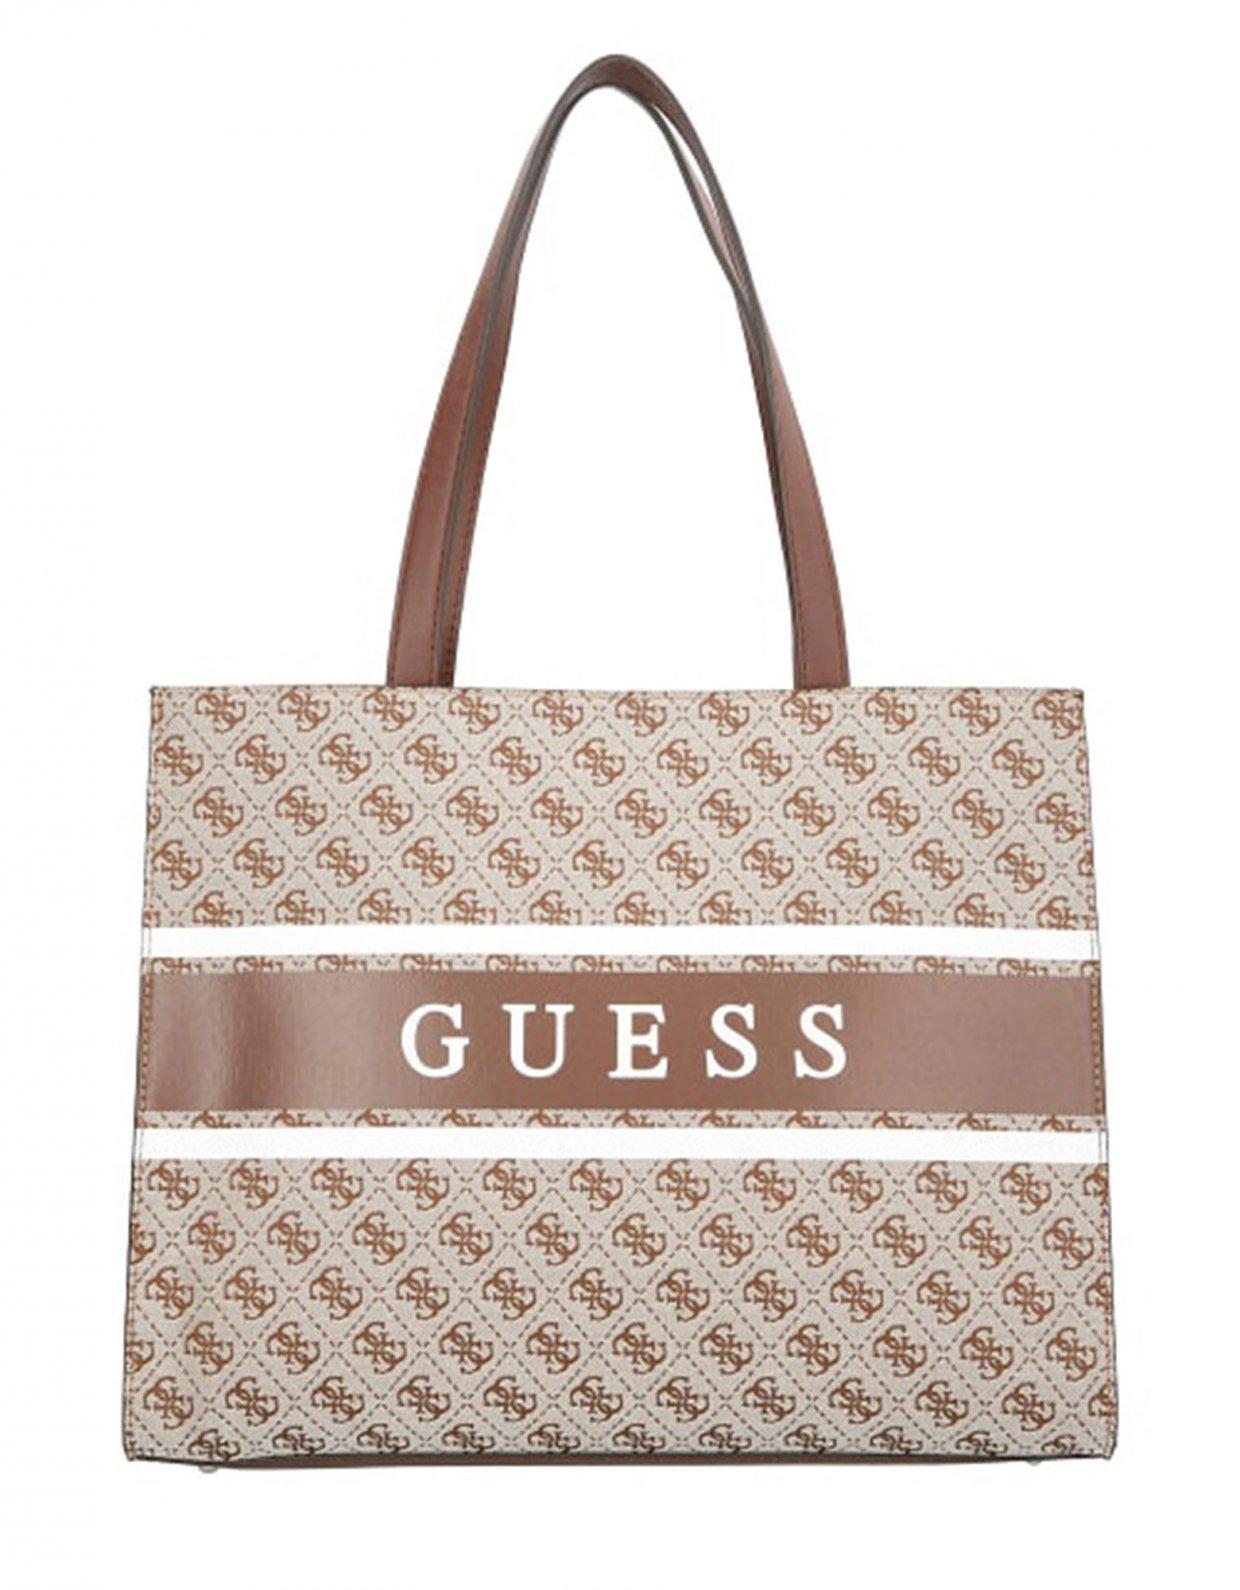 Guess Monique shopper bag brown